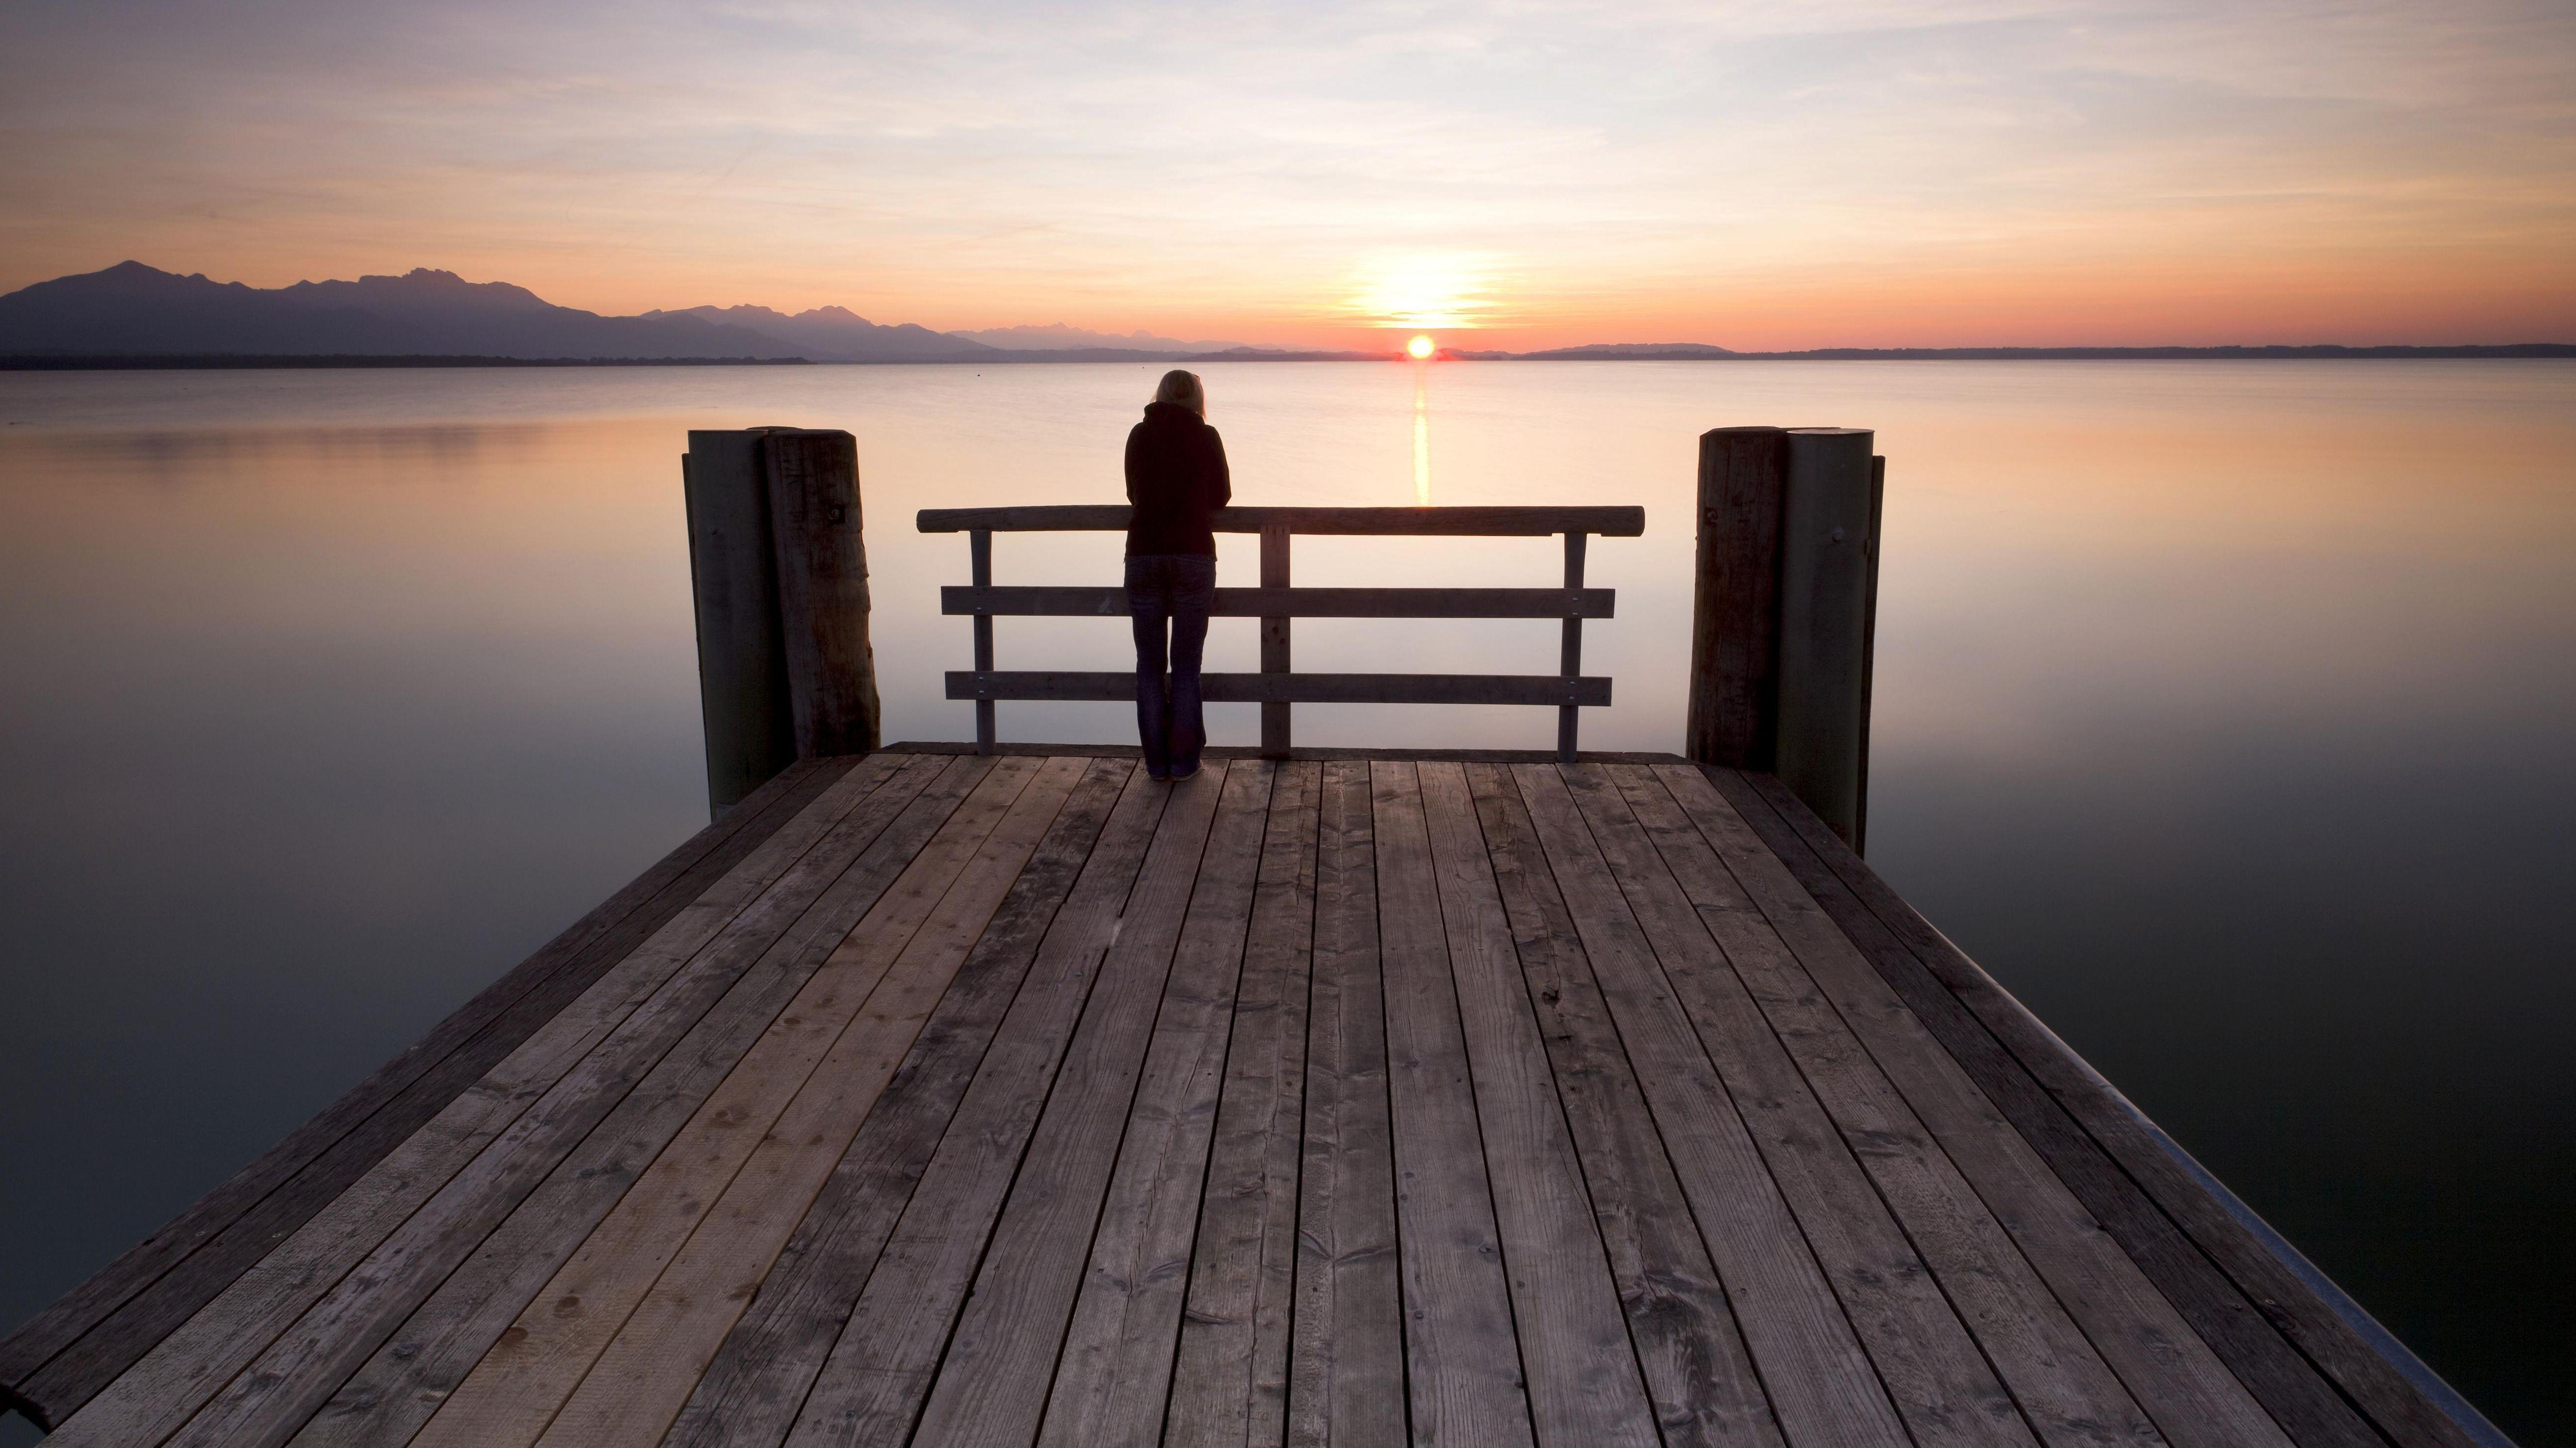 Frau steht alleine an einem Steg und betrachtet den Sonnenuntergang